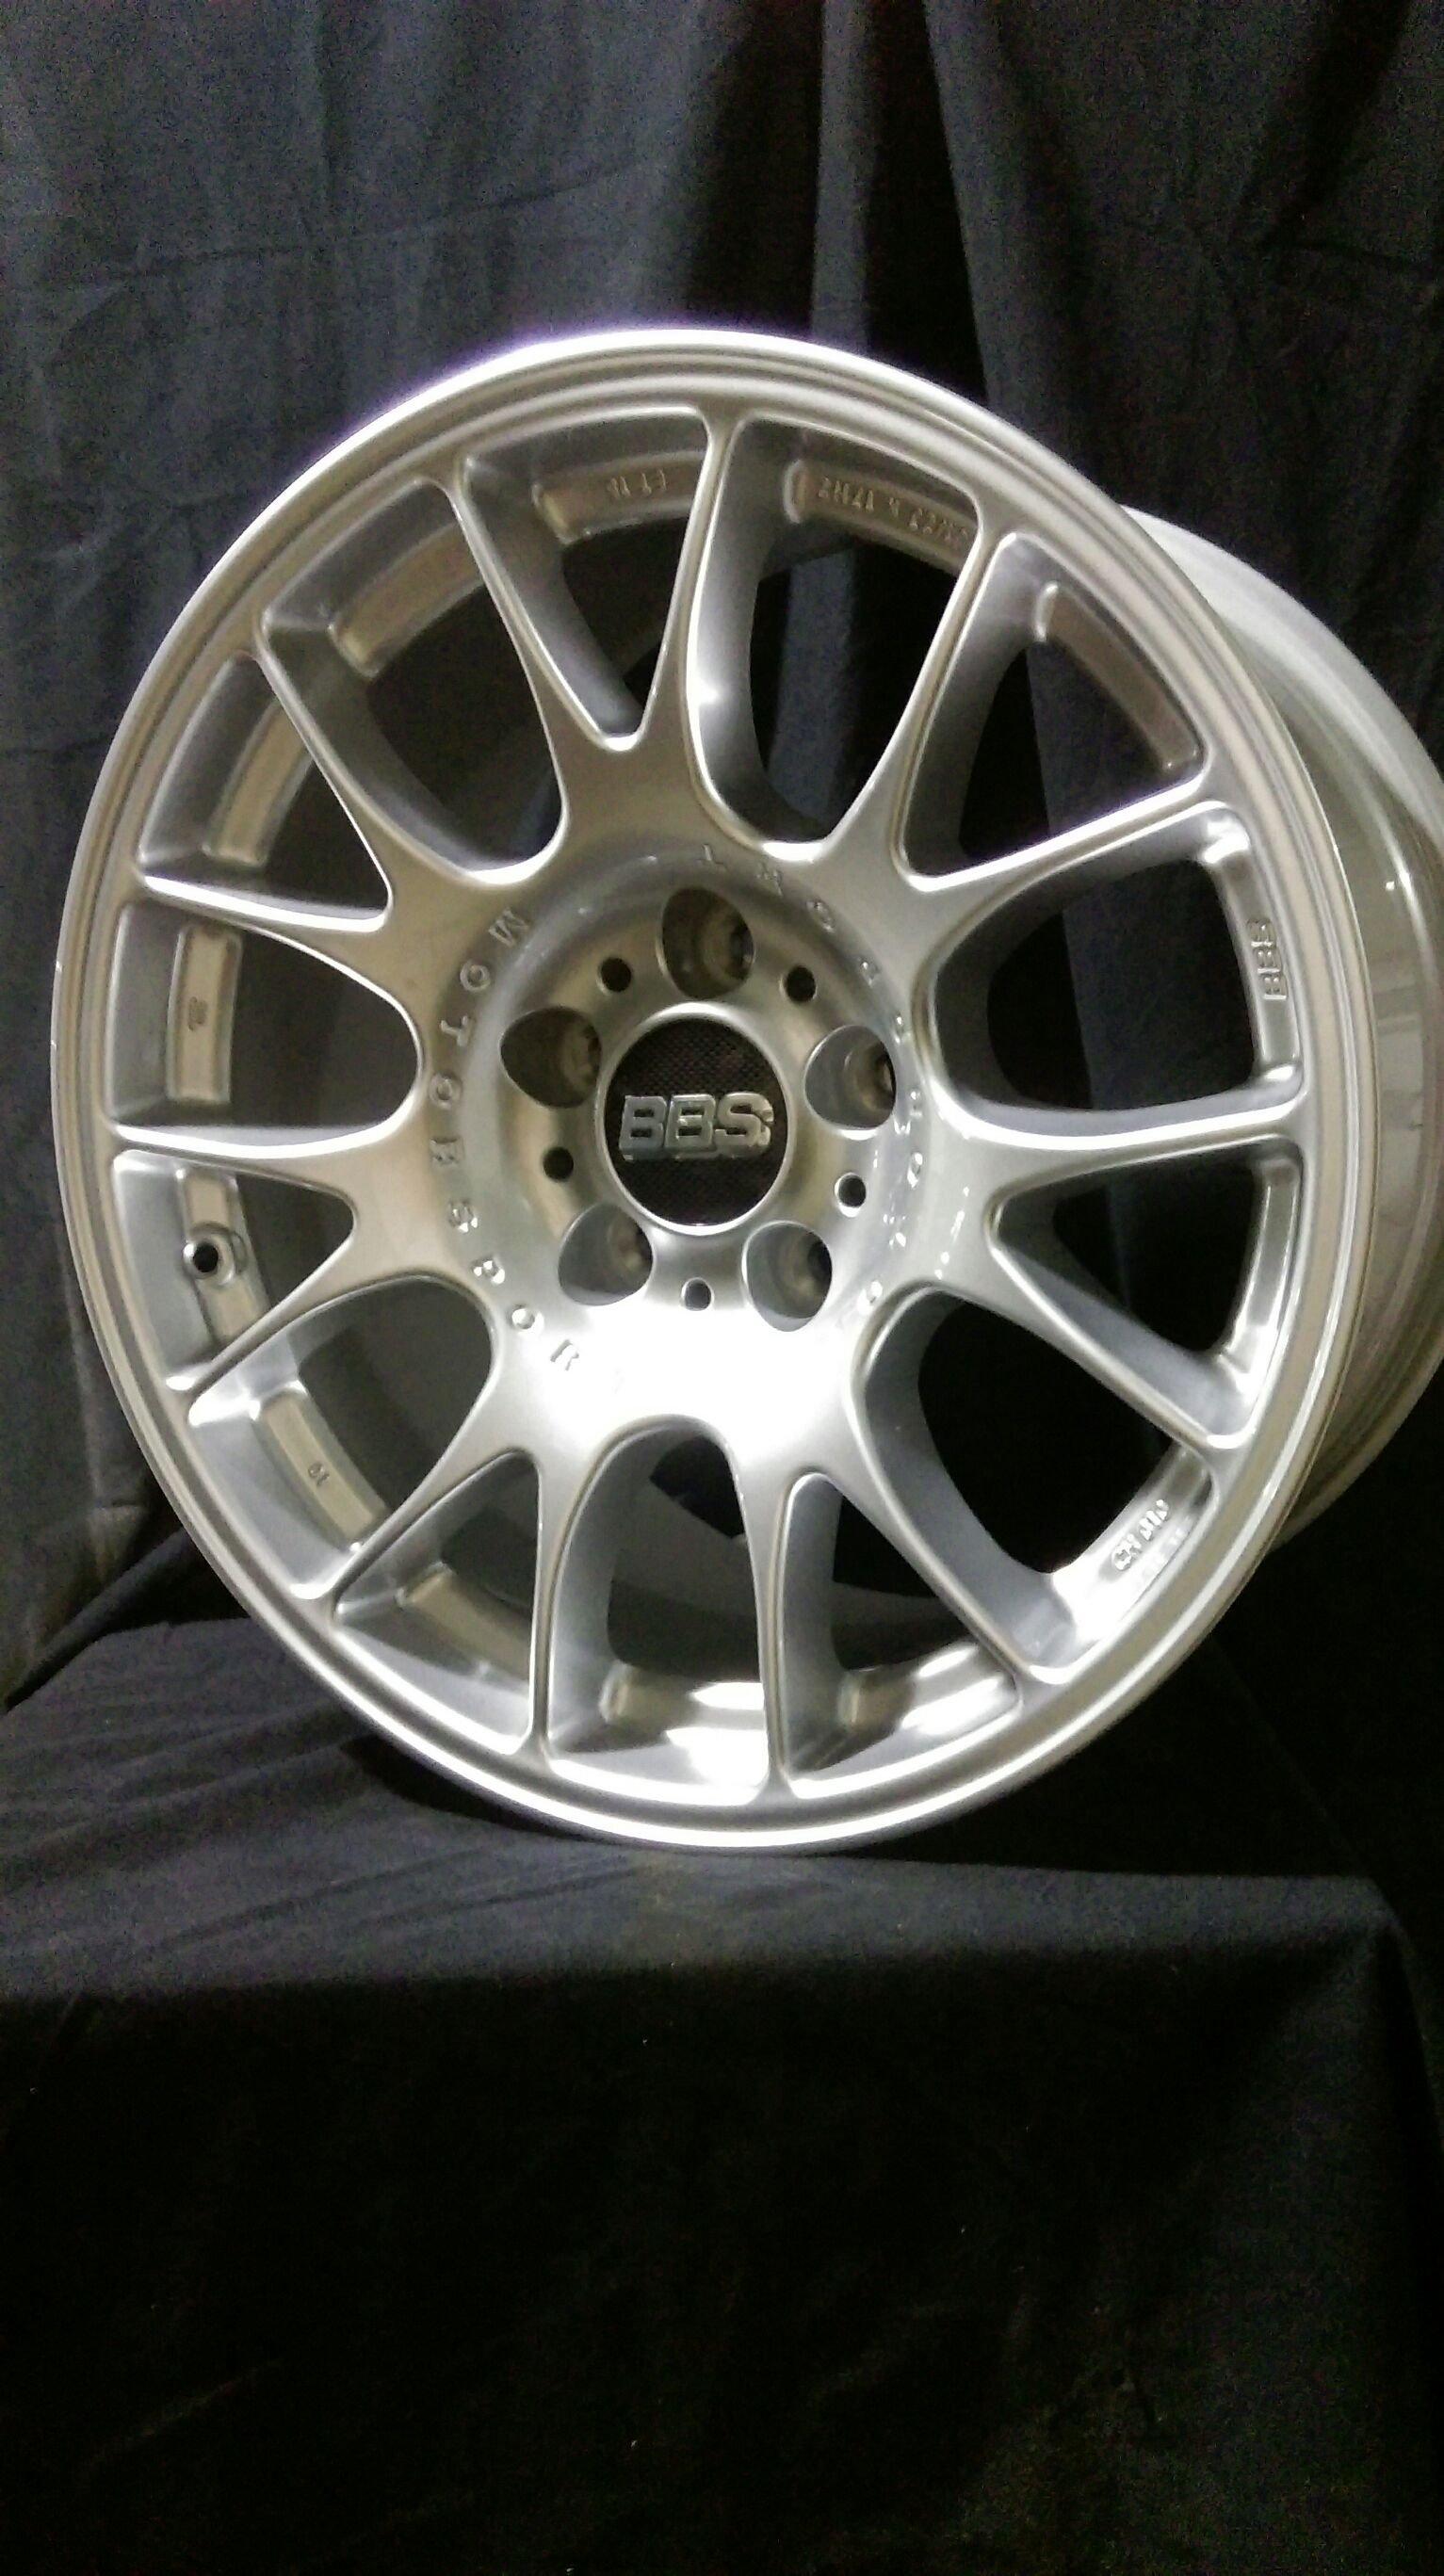 BBS德國原廠全新正品 CH 17吋鋁圈 BMW E34 E38 E39 E60 E30 M3 專用